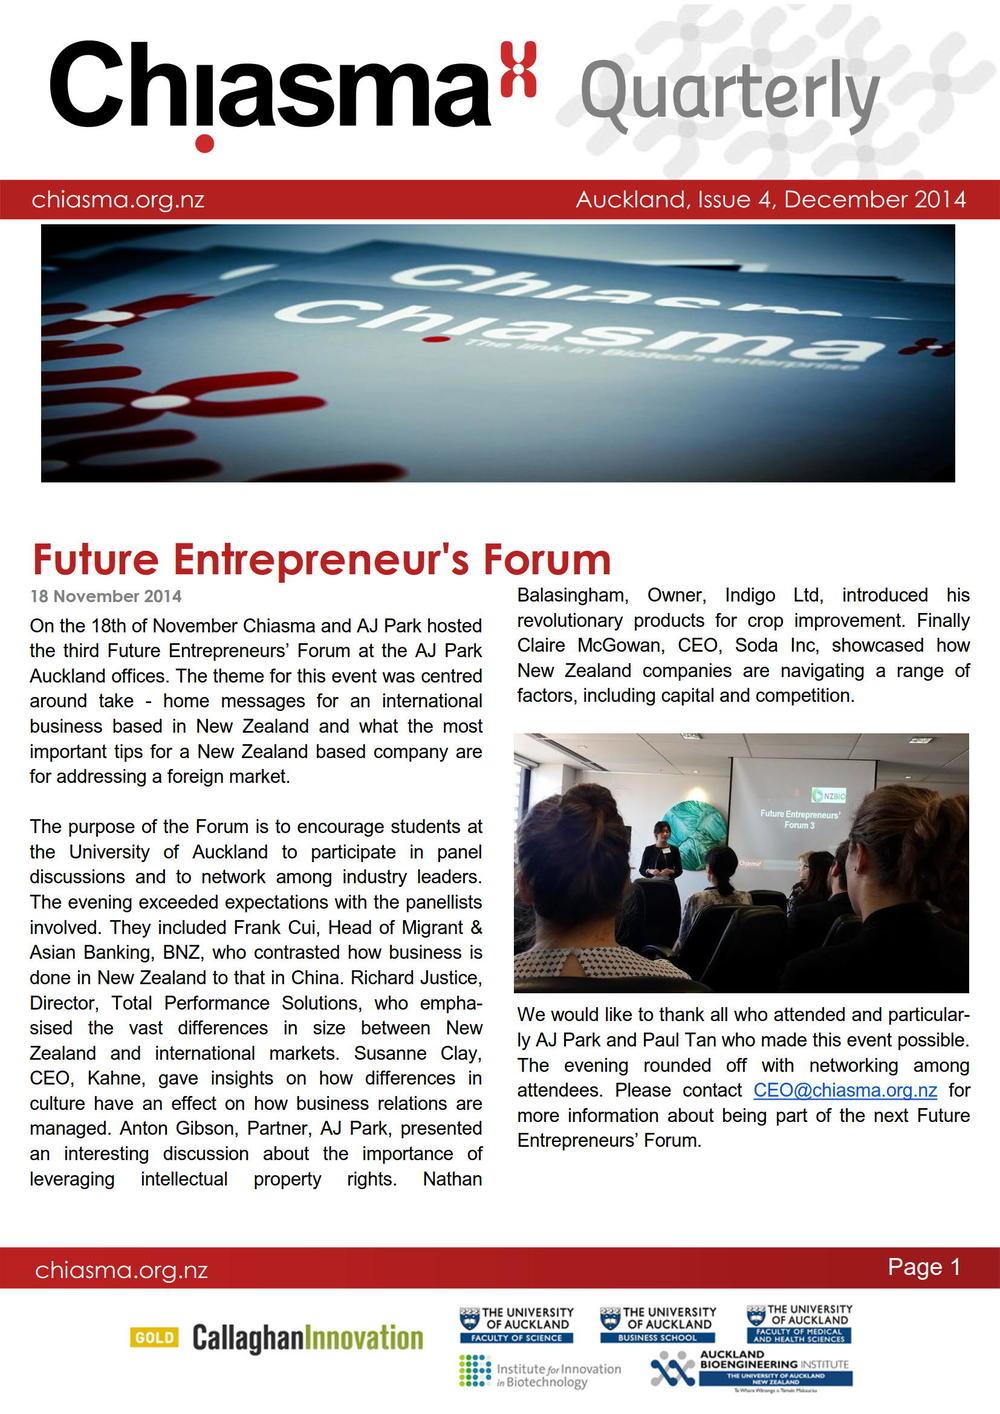 Industry_newsletter_4_2014_1.jpg